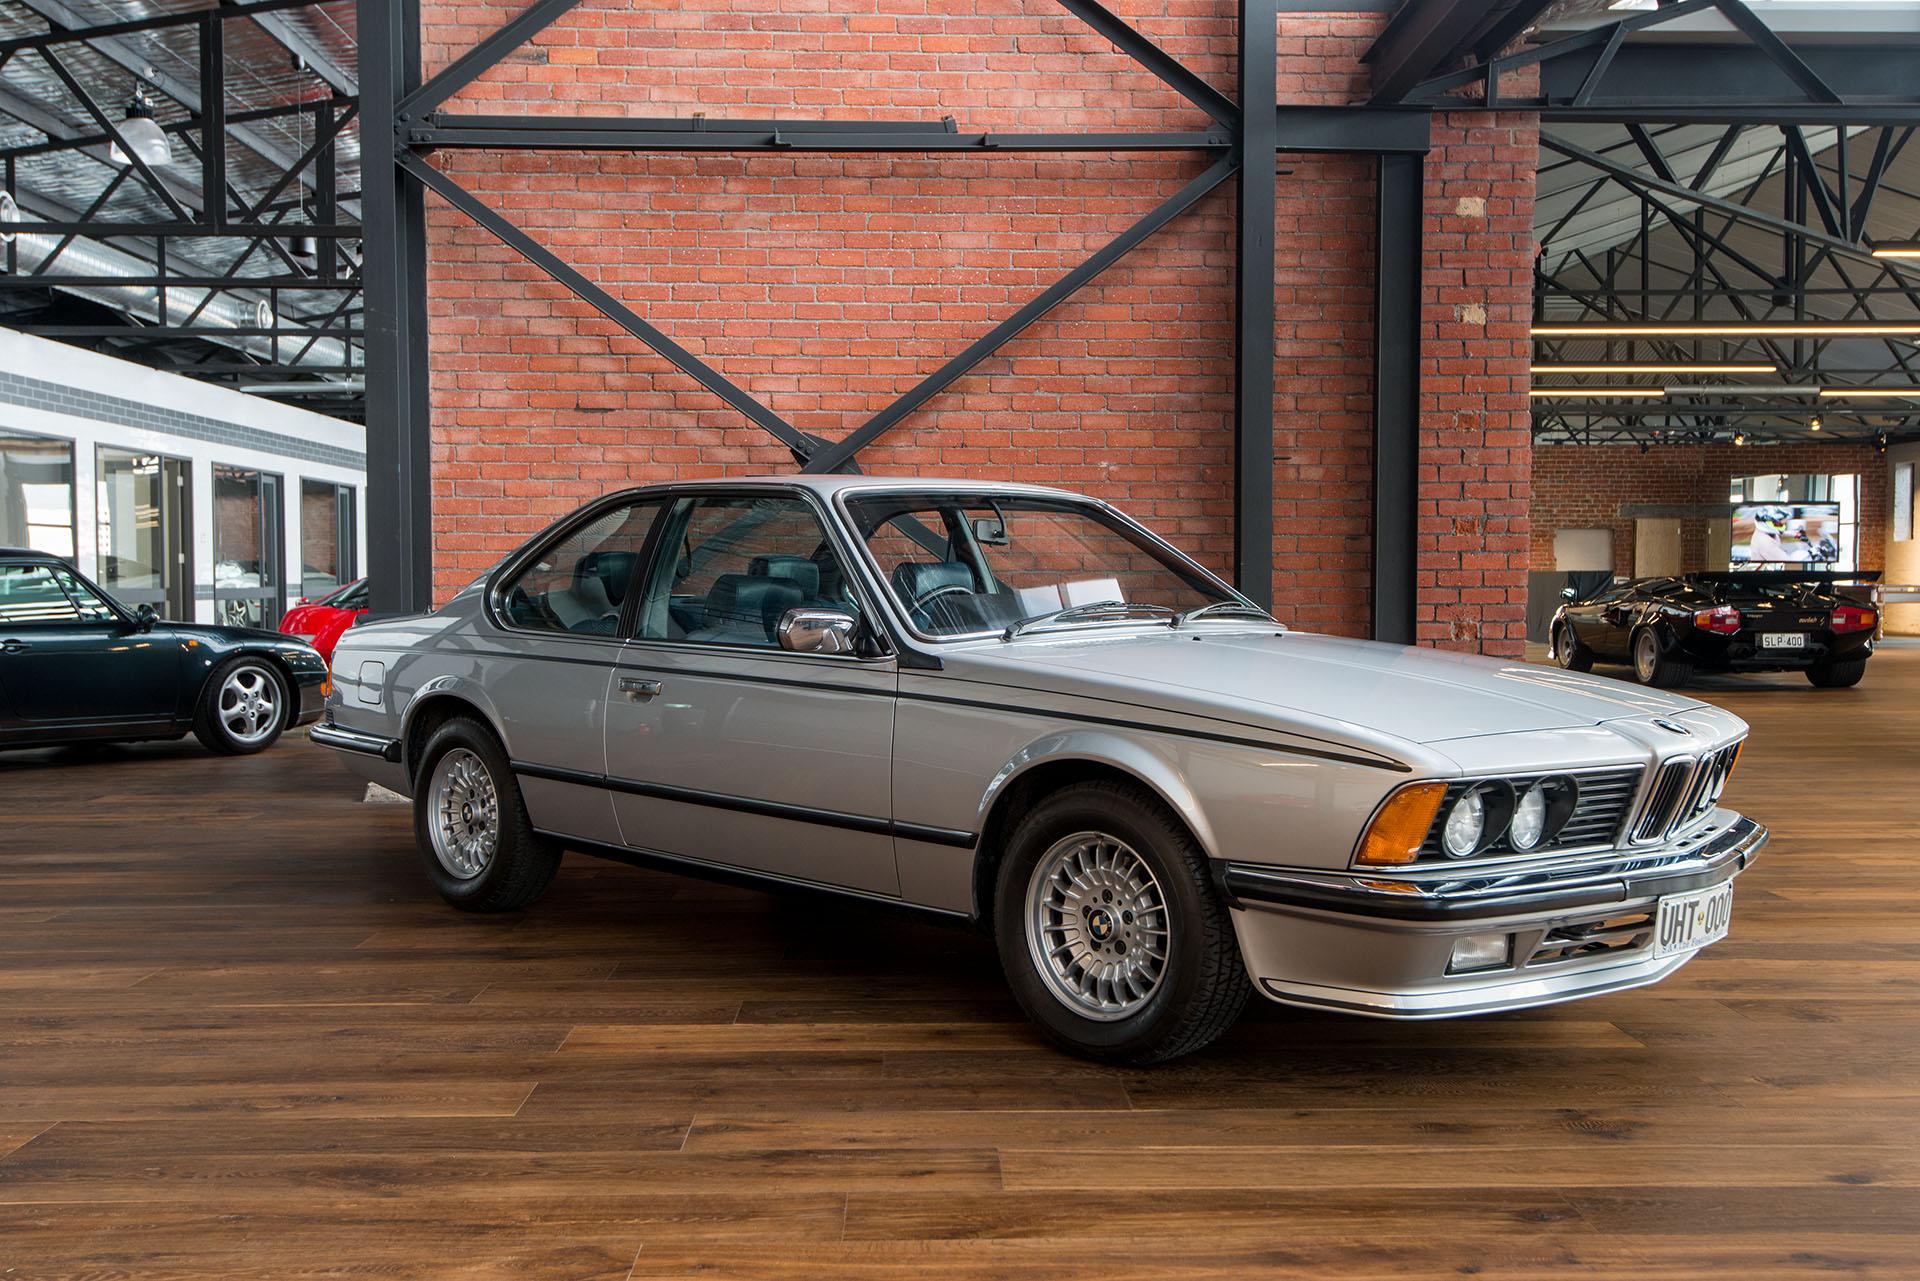 1983 Bmw 635csi Coupe Richmonds Classic And Prestige